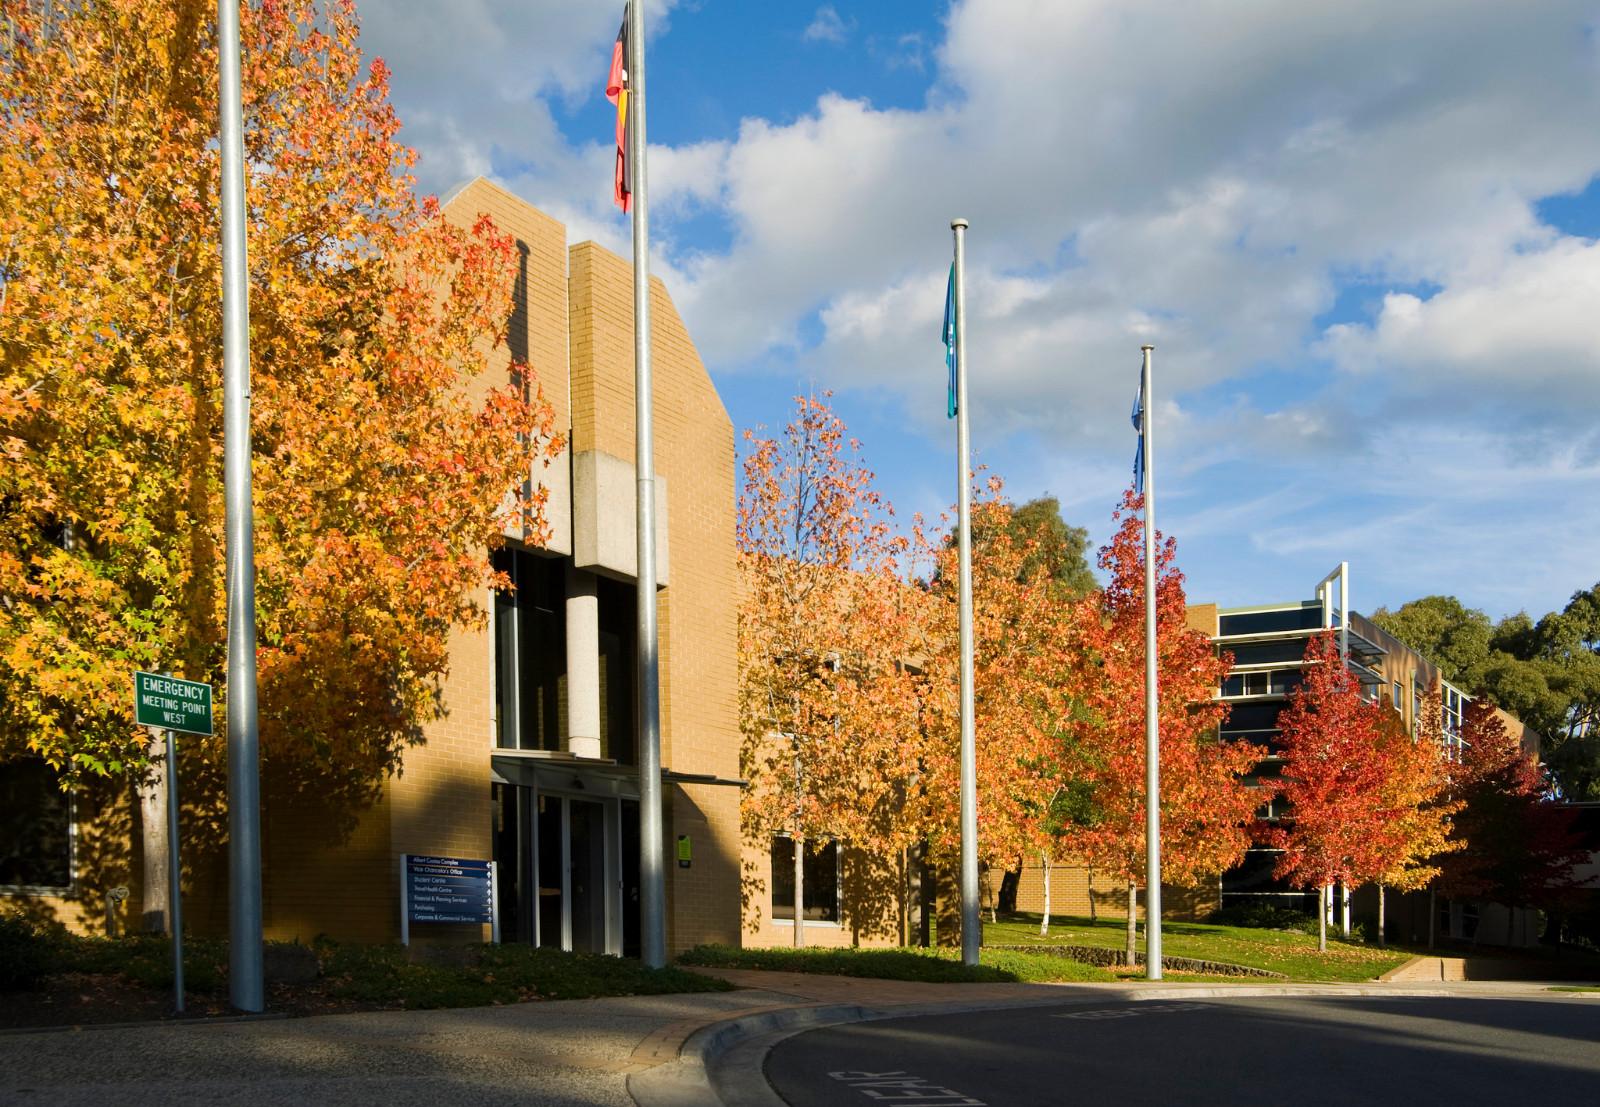 2017澳洲联邦大学申请条件是什么